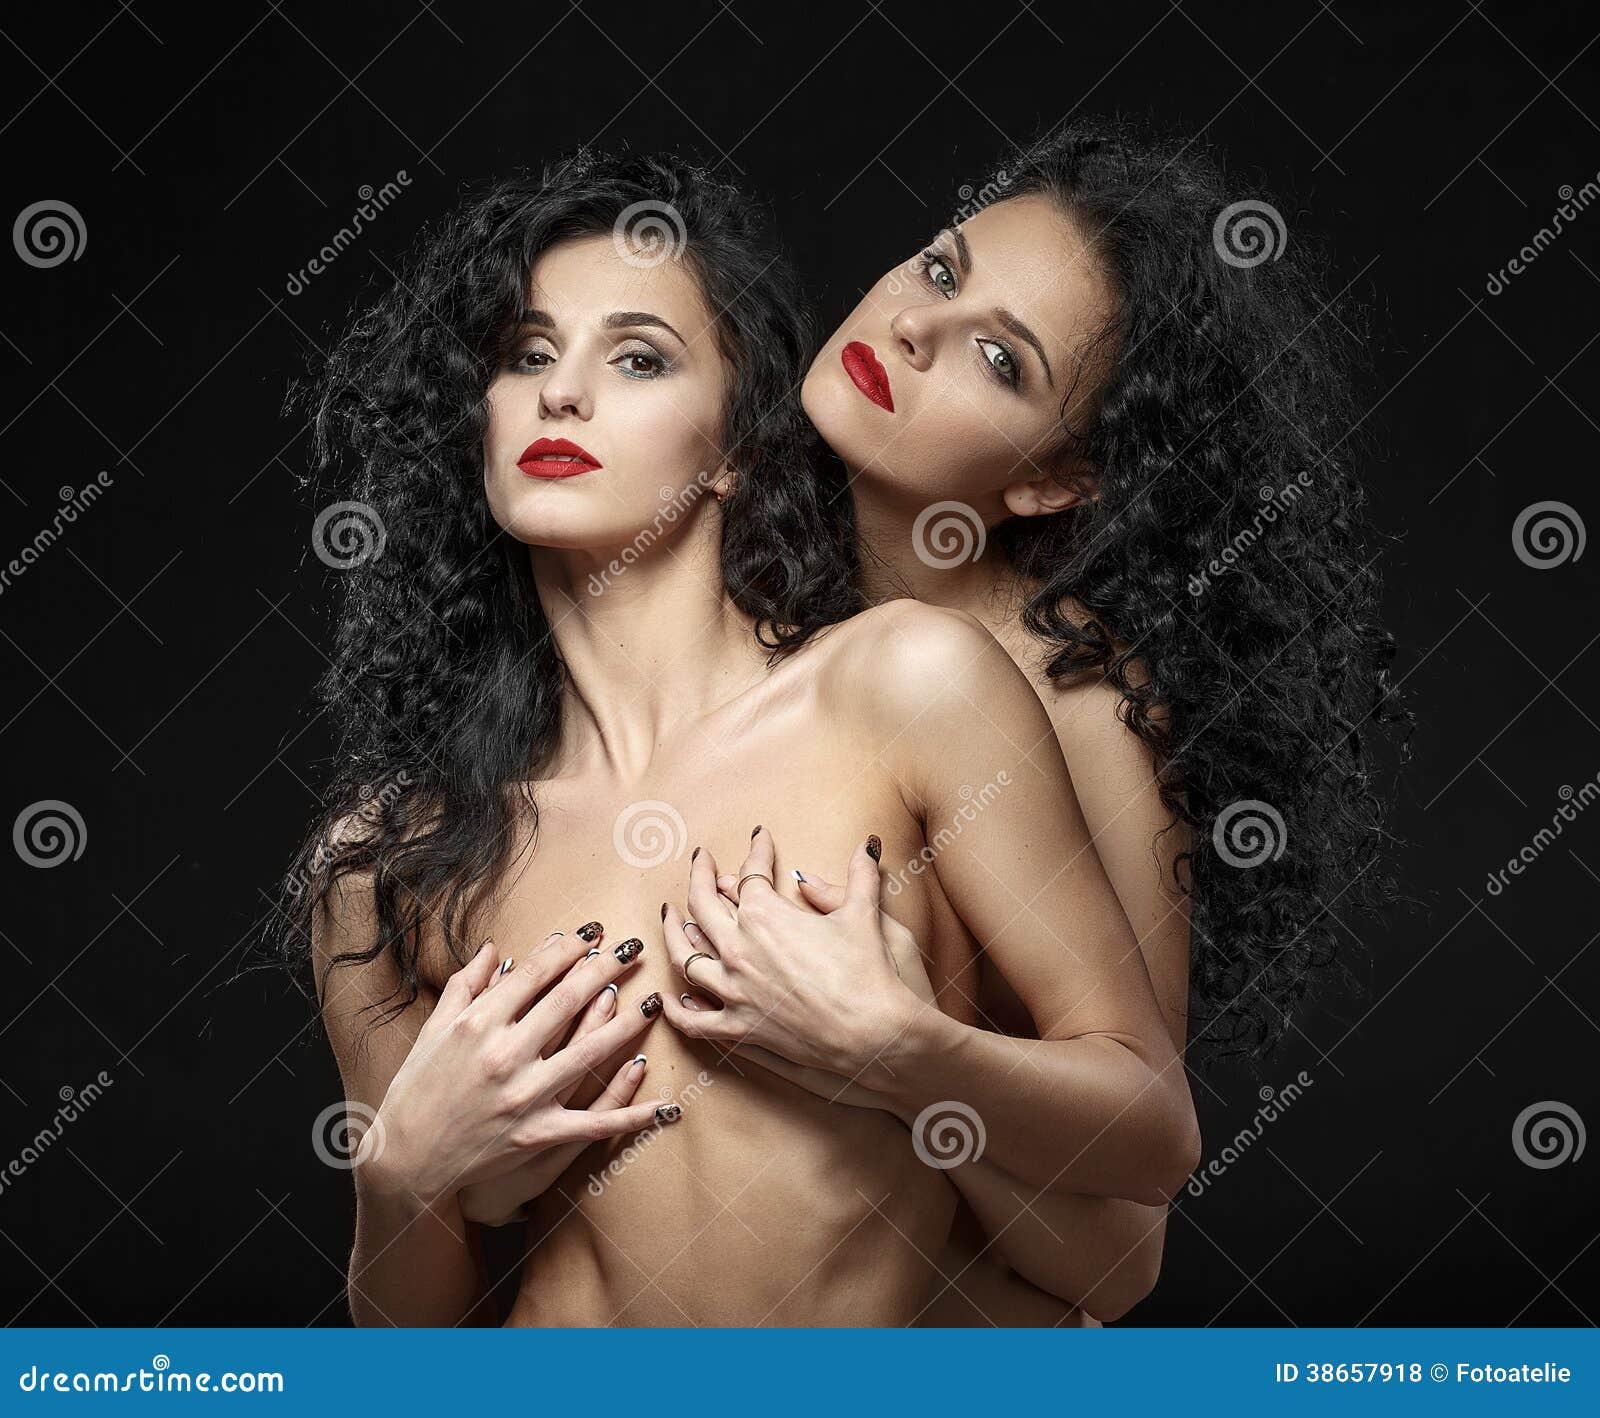 video palline anali donna con figa pelosa